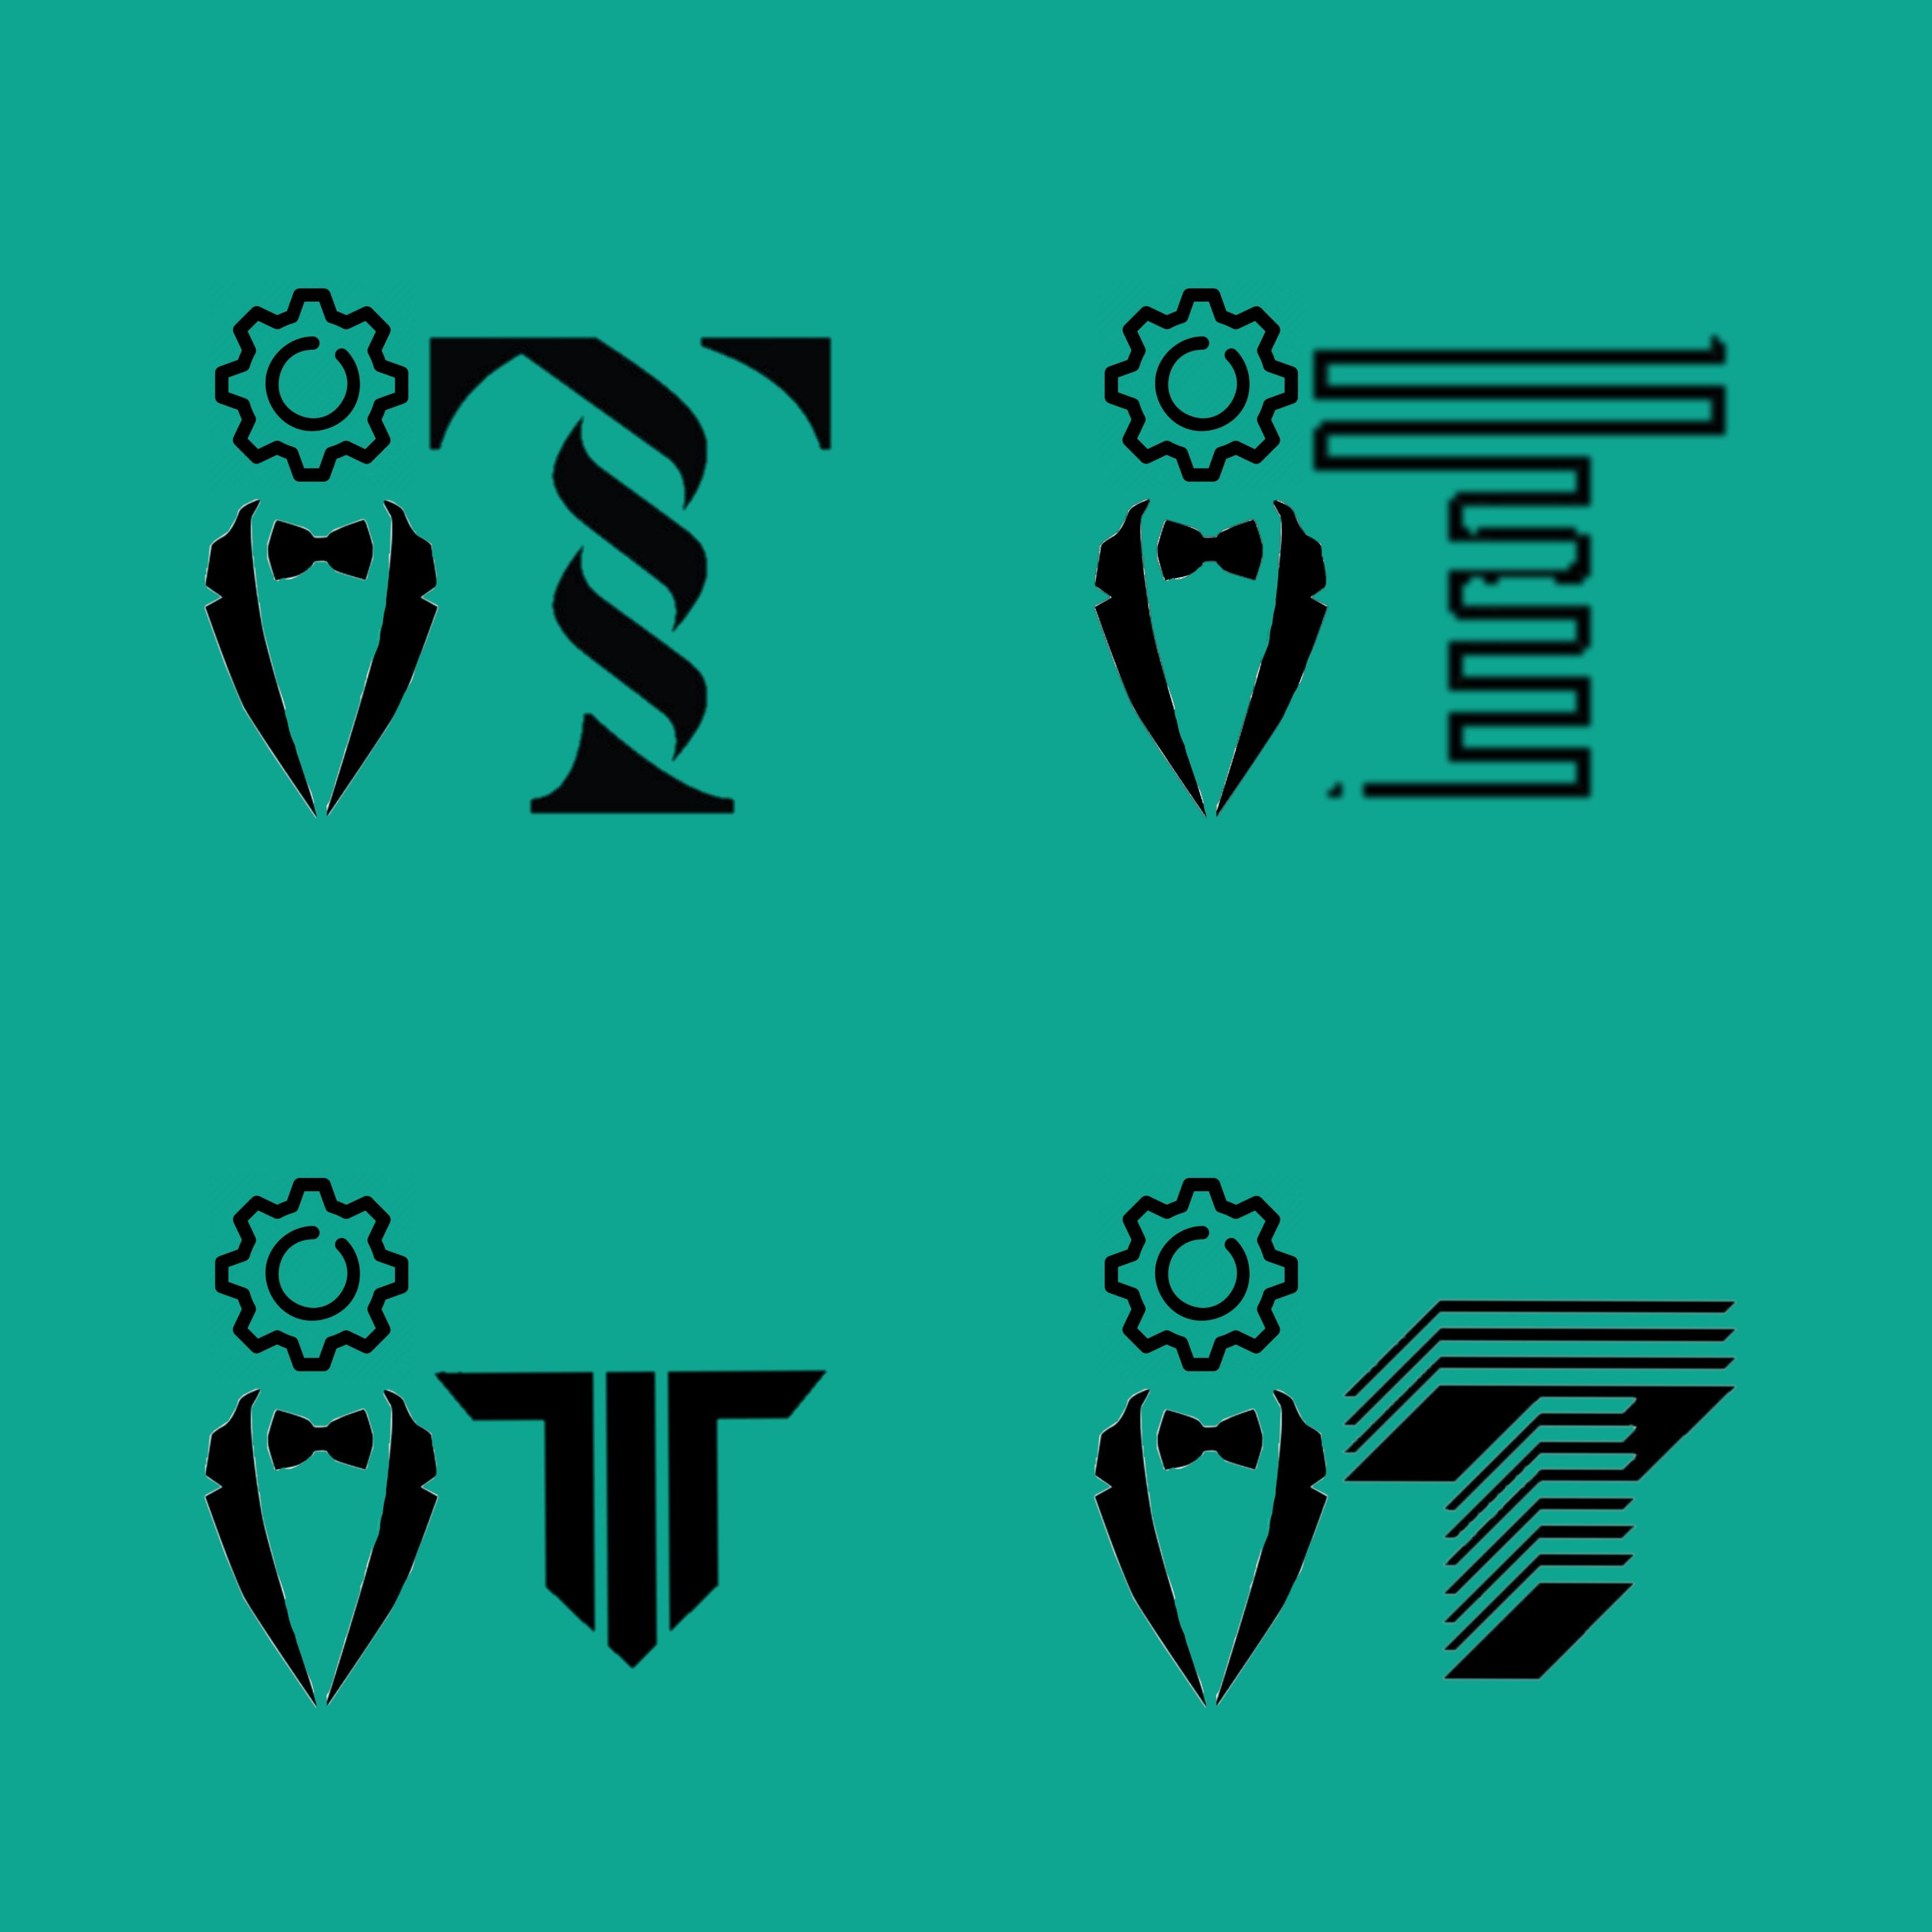 Логотип для IT интегратора фото f_823614cca66d0177.jpg